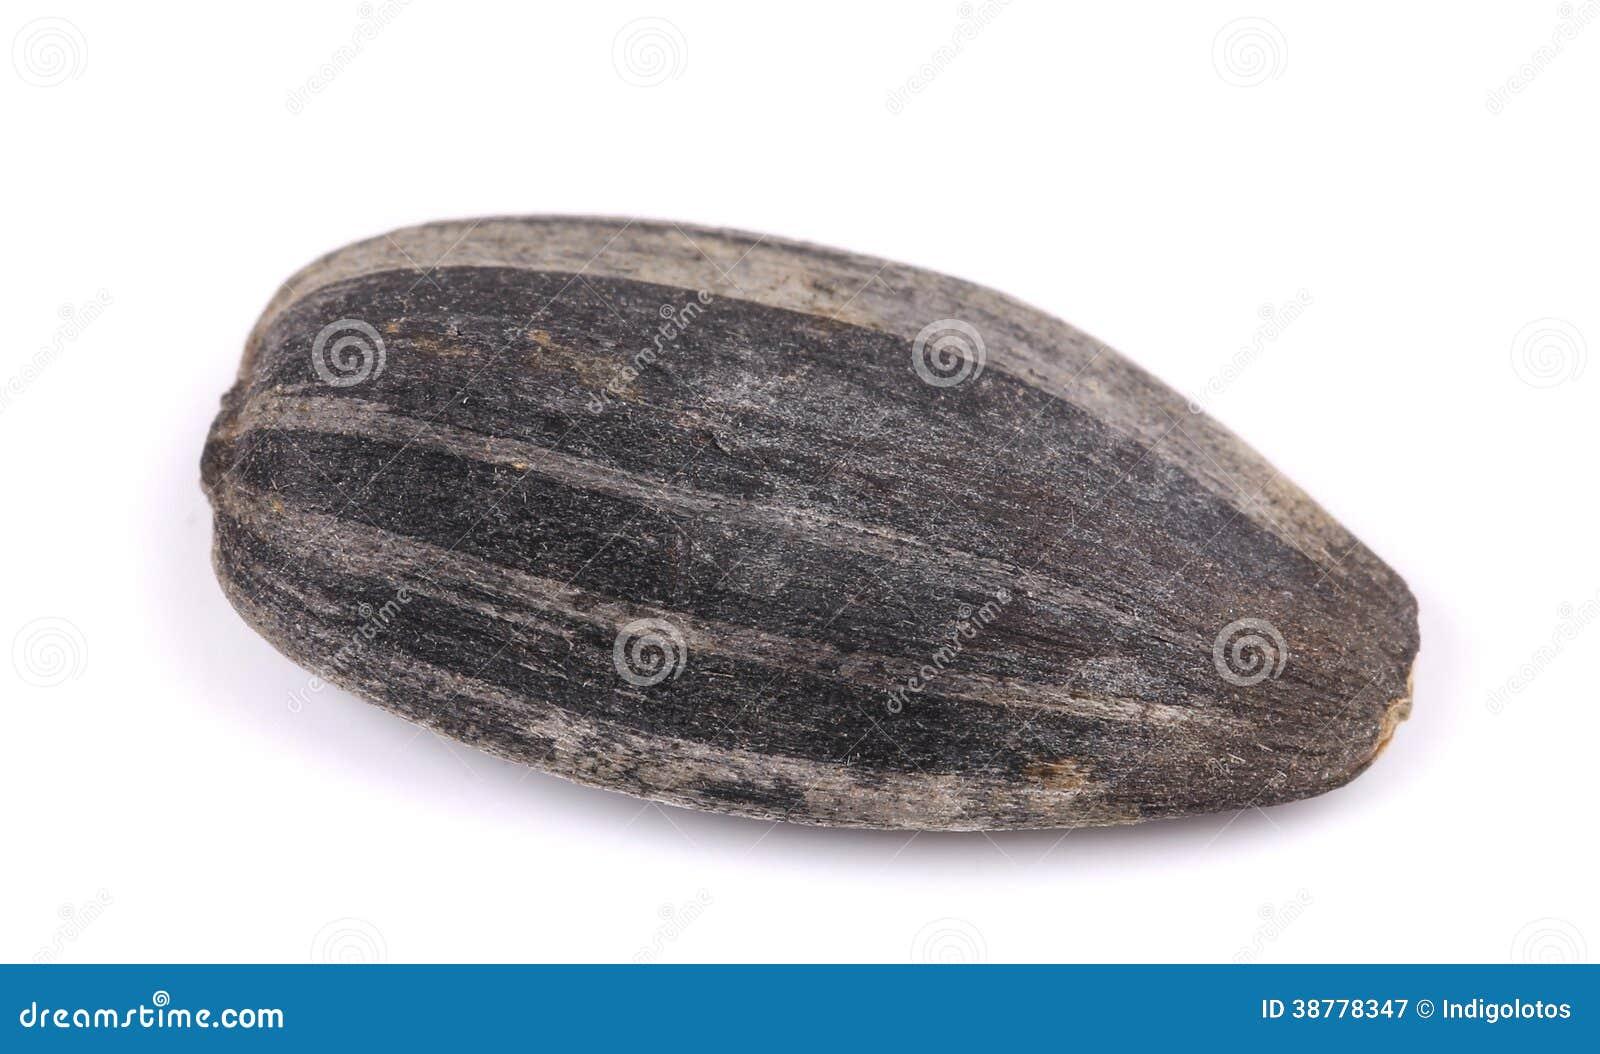 Une graine de tournesol image stock image du heap dieting 38778347 - Graine de tournesol ...